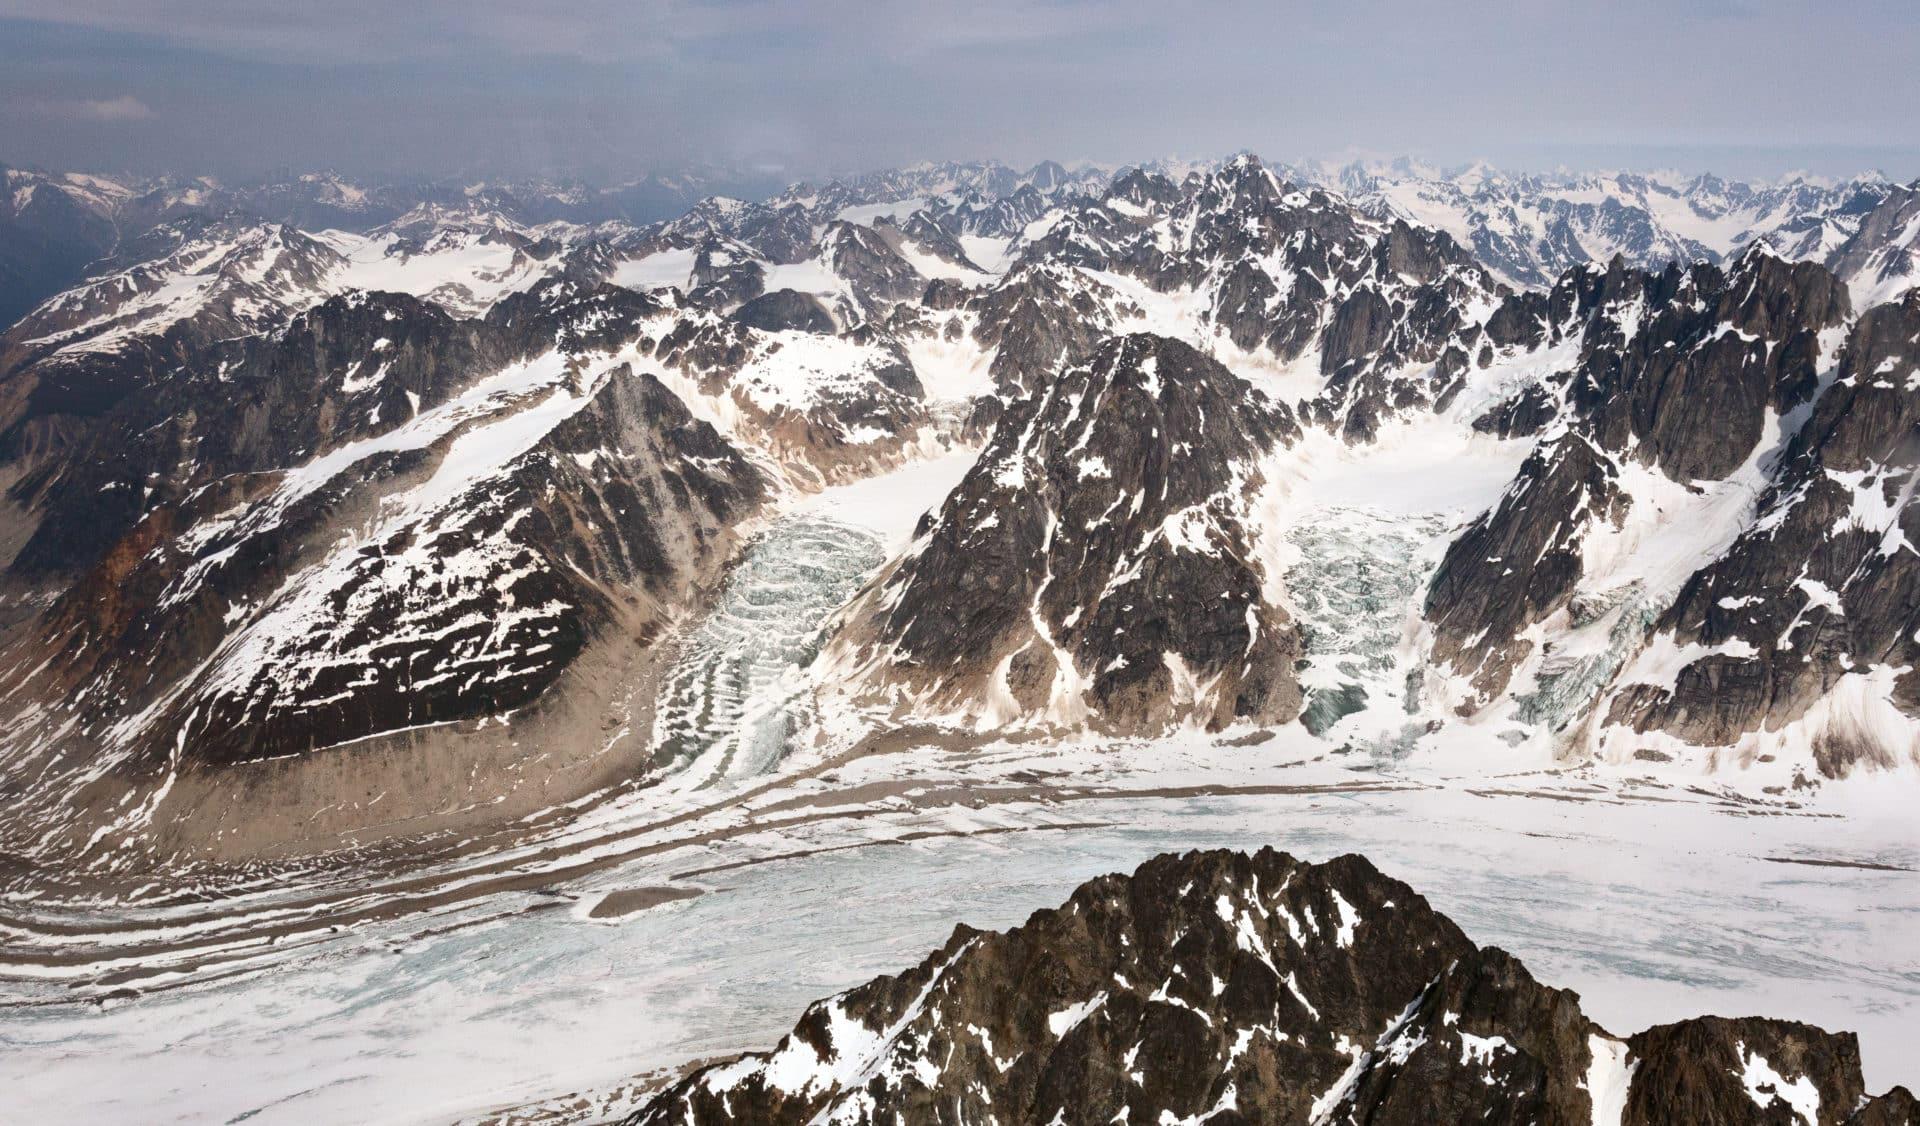 Neacola mountains, Alaska, 12 Day Guided Ski Tour